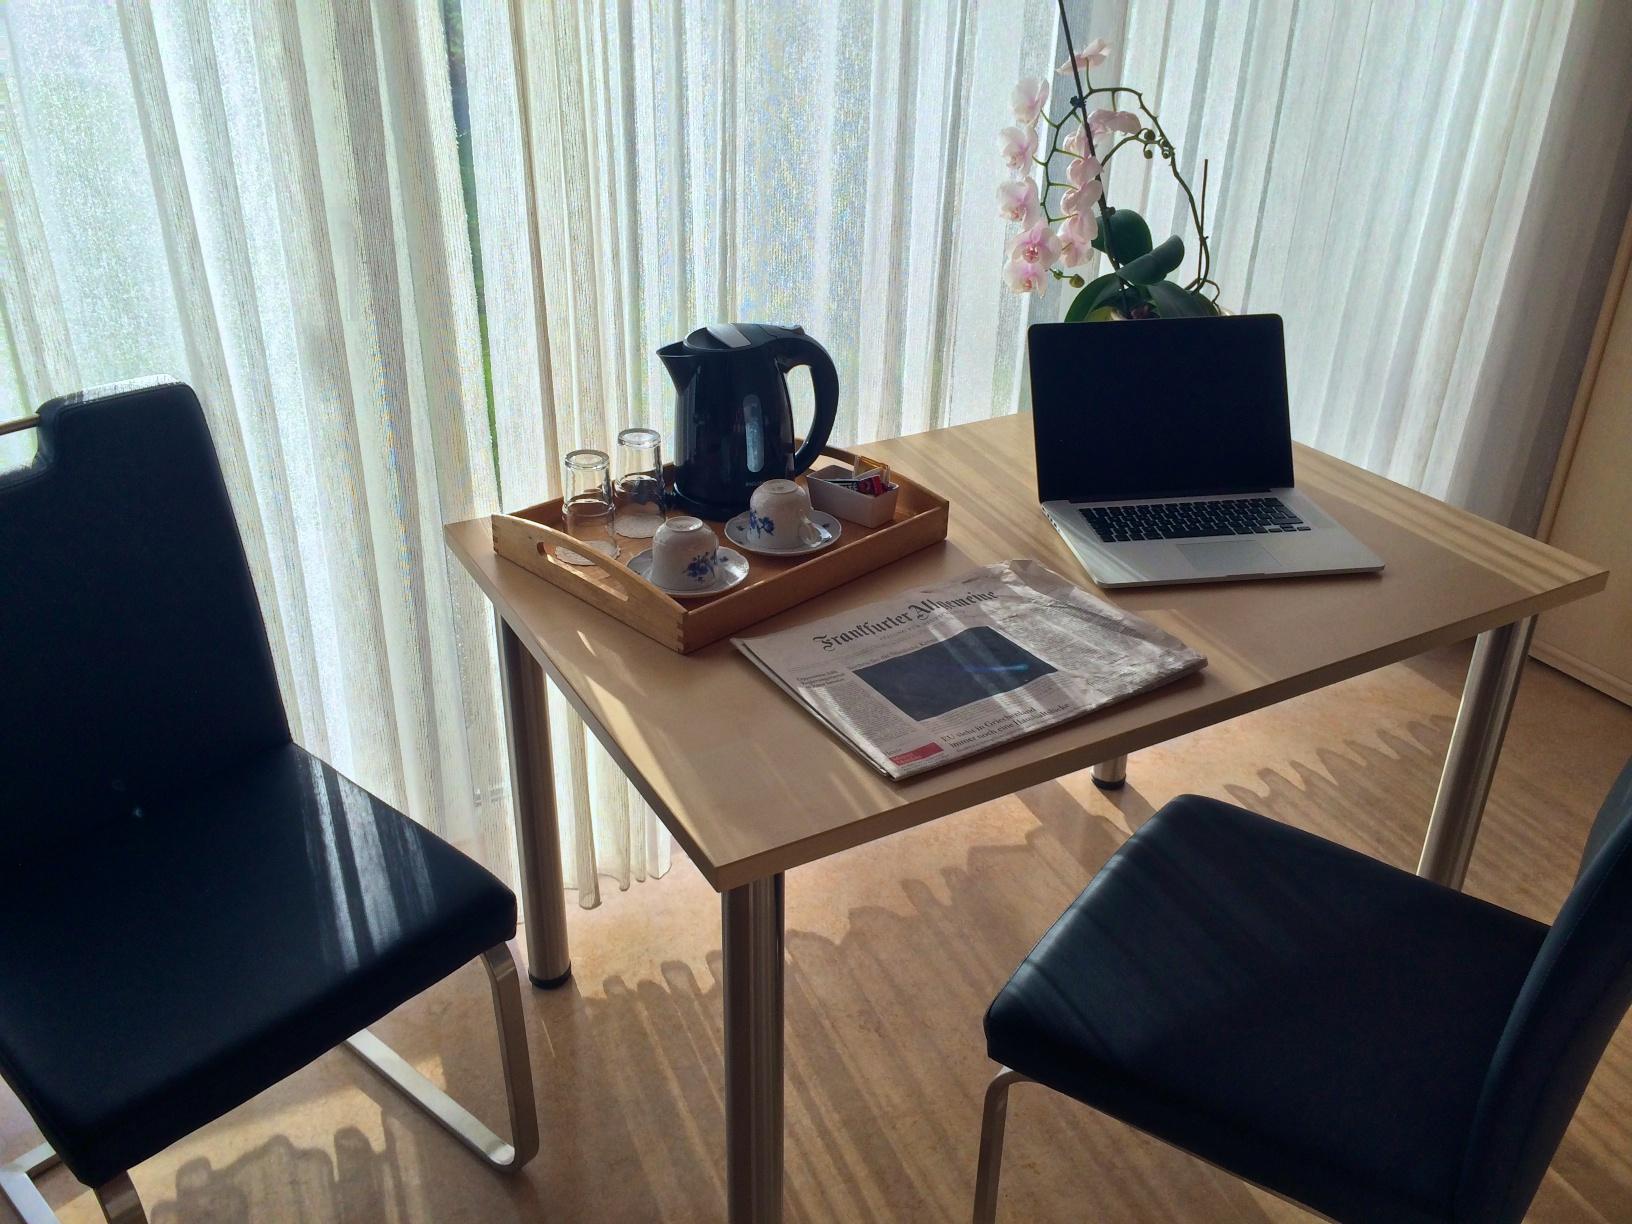 Unterkunft für Geschäftsreisende in Lippstadt - Firmenunterkünfte - Agentur für Zimmervermittlung